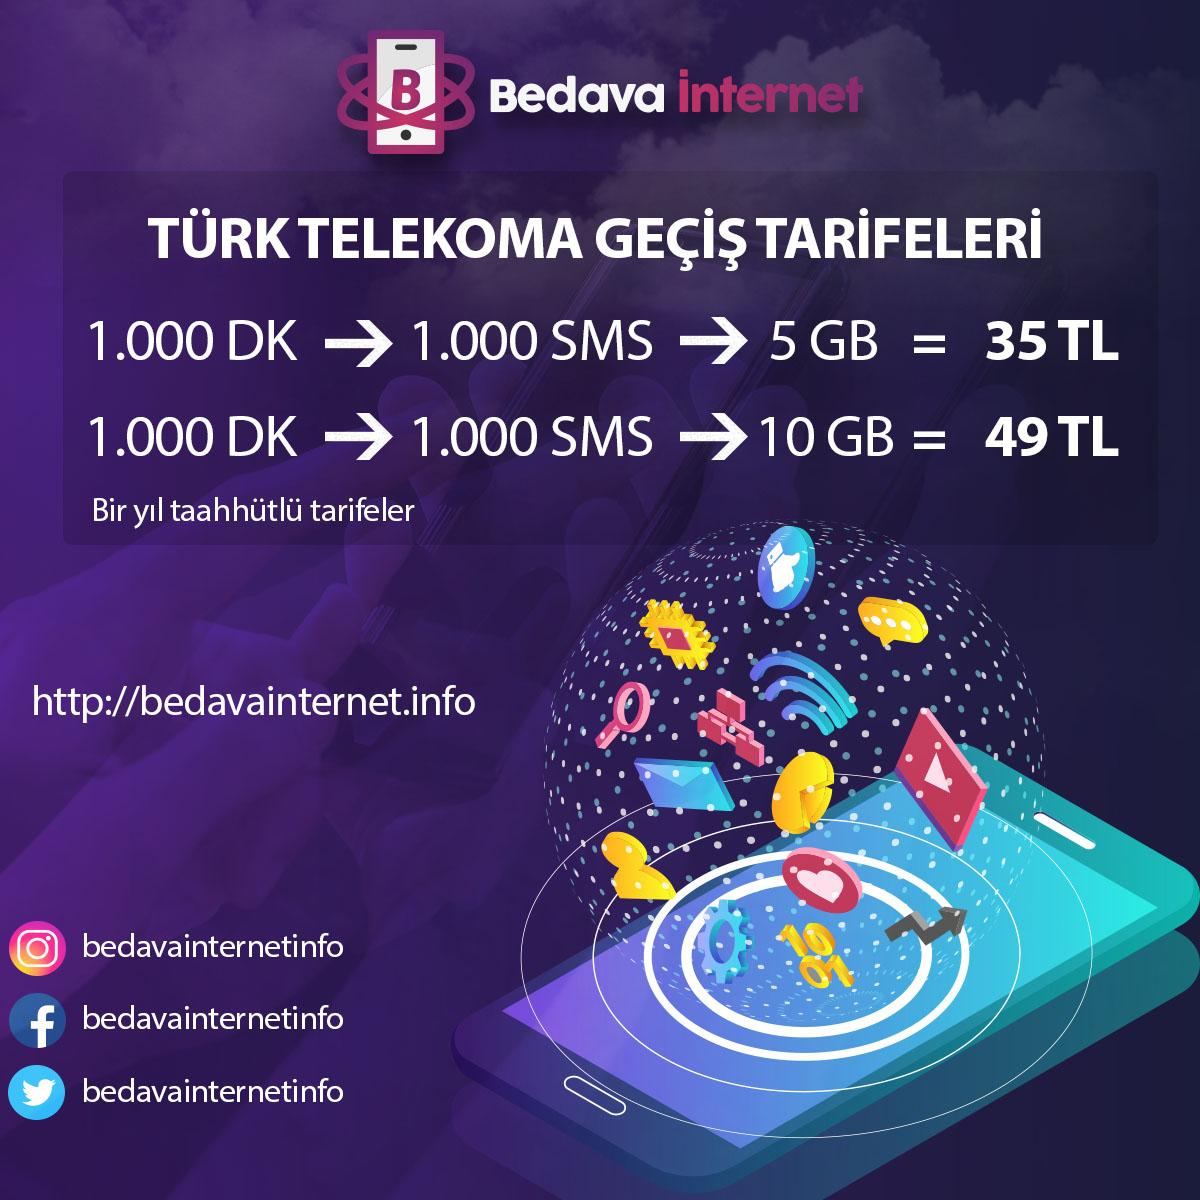 Photo of 2019 Yılı Türk Telekom'a geçiş tarifeleri ve avantajları